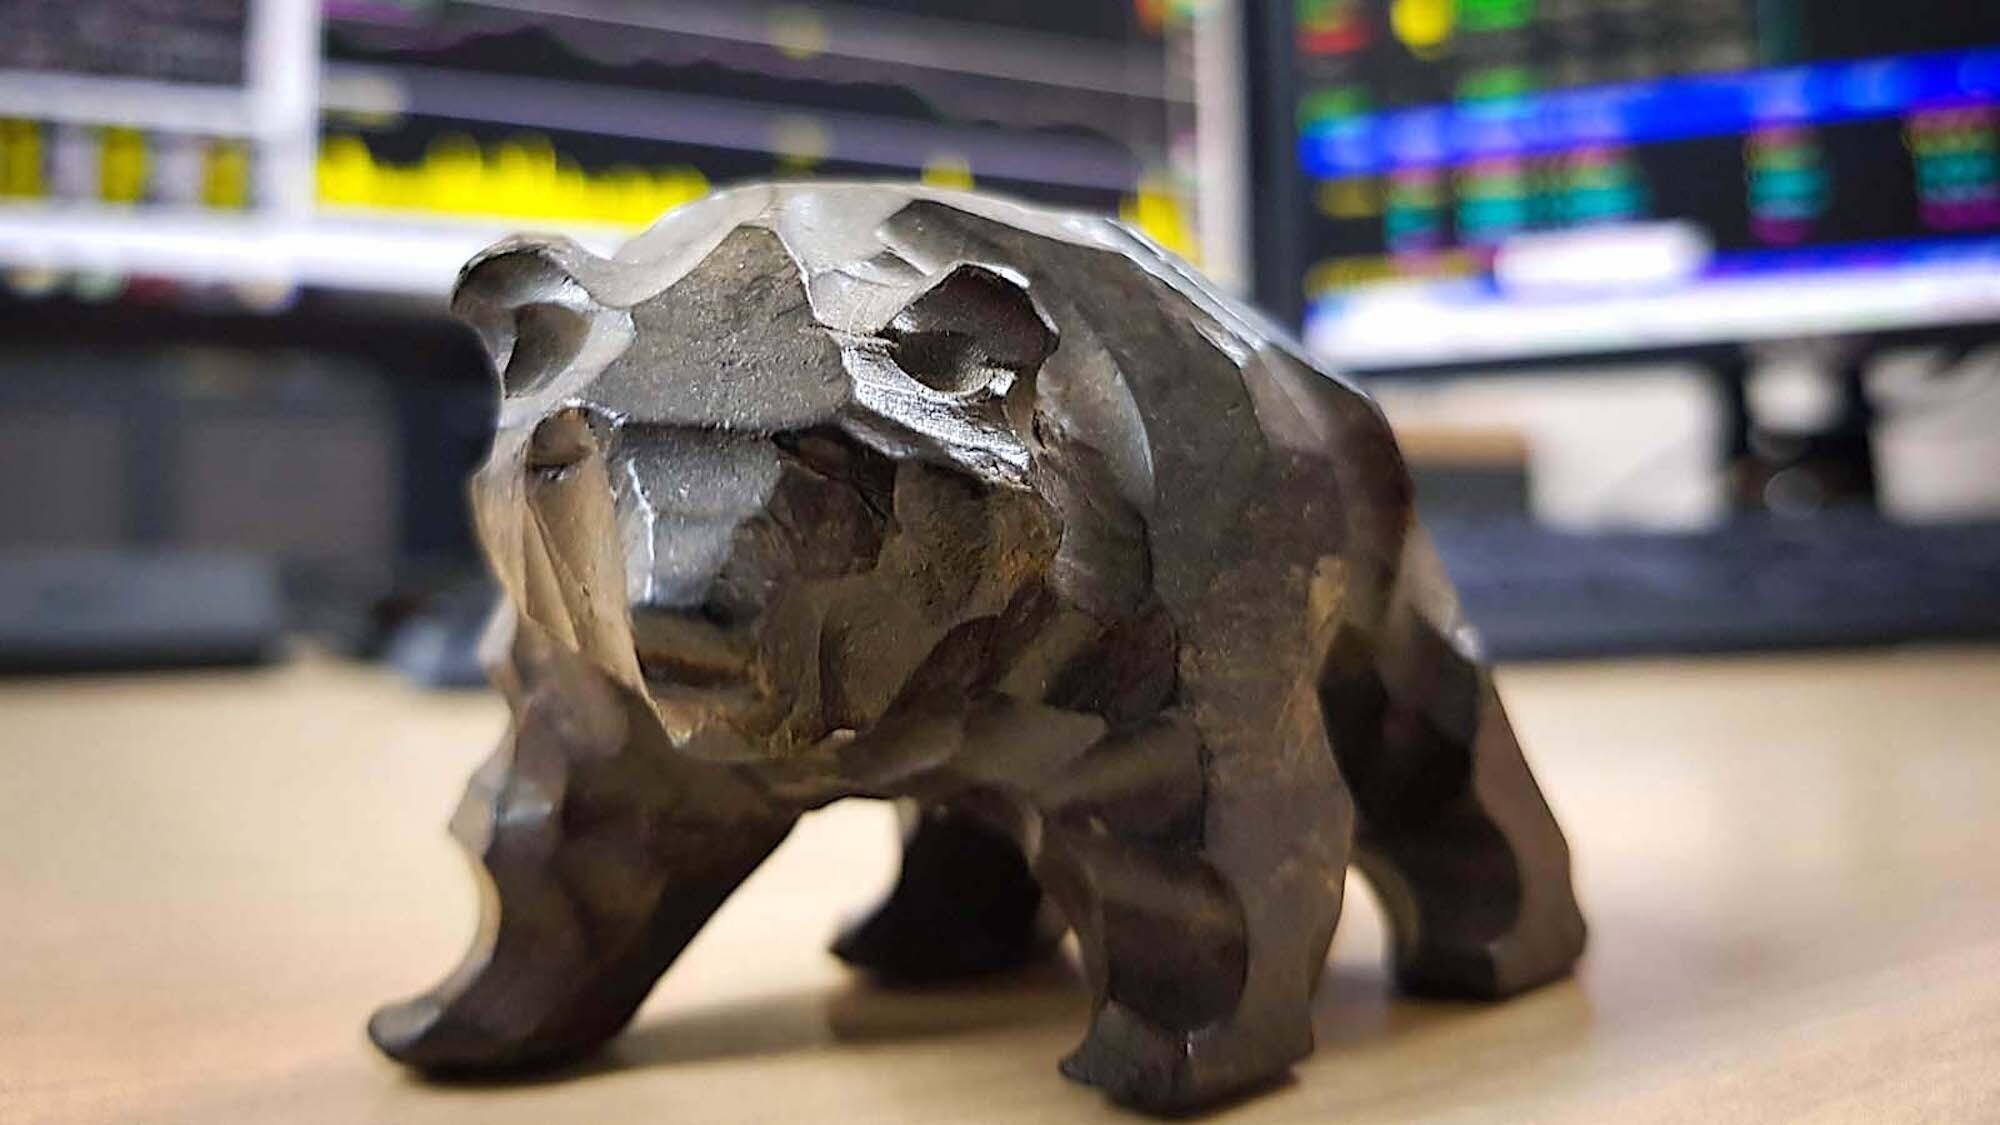 Thị trường gấu trong chứng khoán là gì? Thị trường gấu tạo bởi COVID-19 nghiêm trọng đến mức nào?